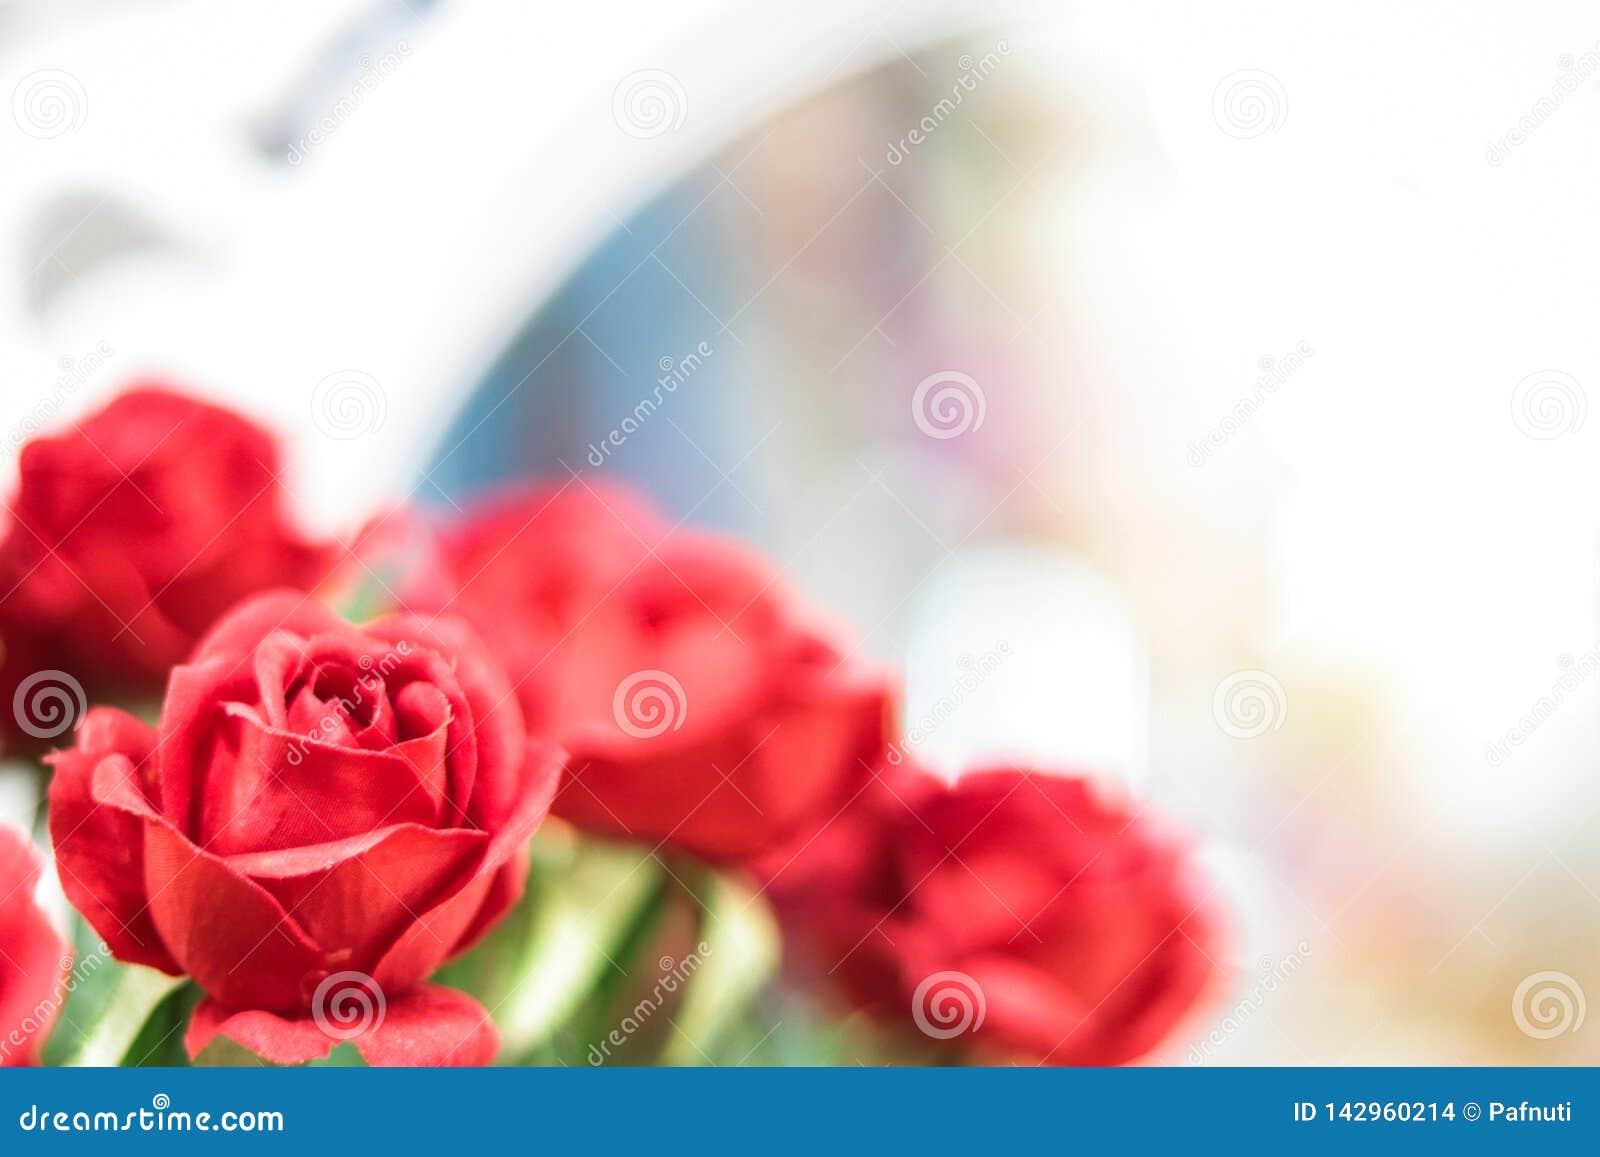 Τεχνητά κόκκινα τριαντάφυλλα στο θολωμένο υπόβαθρο